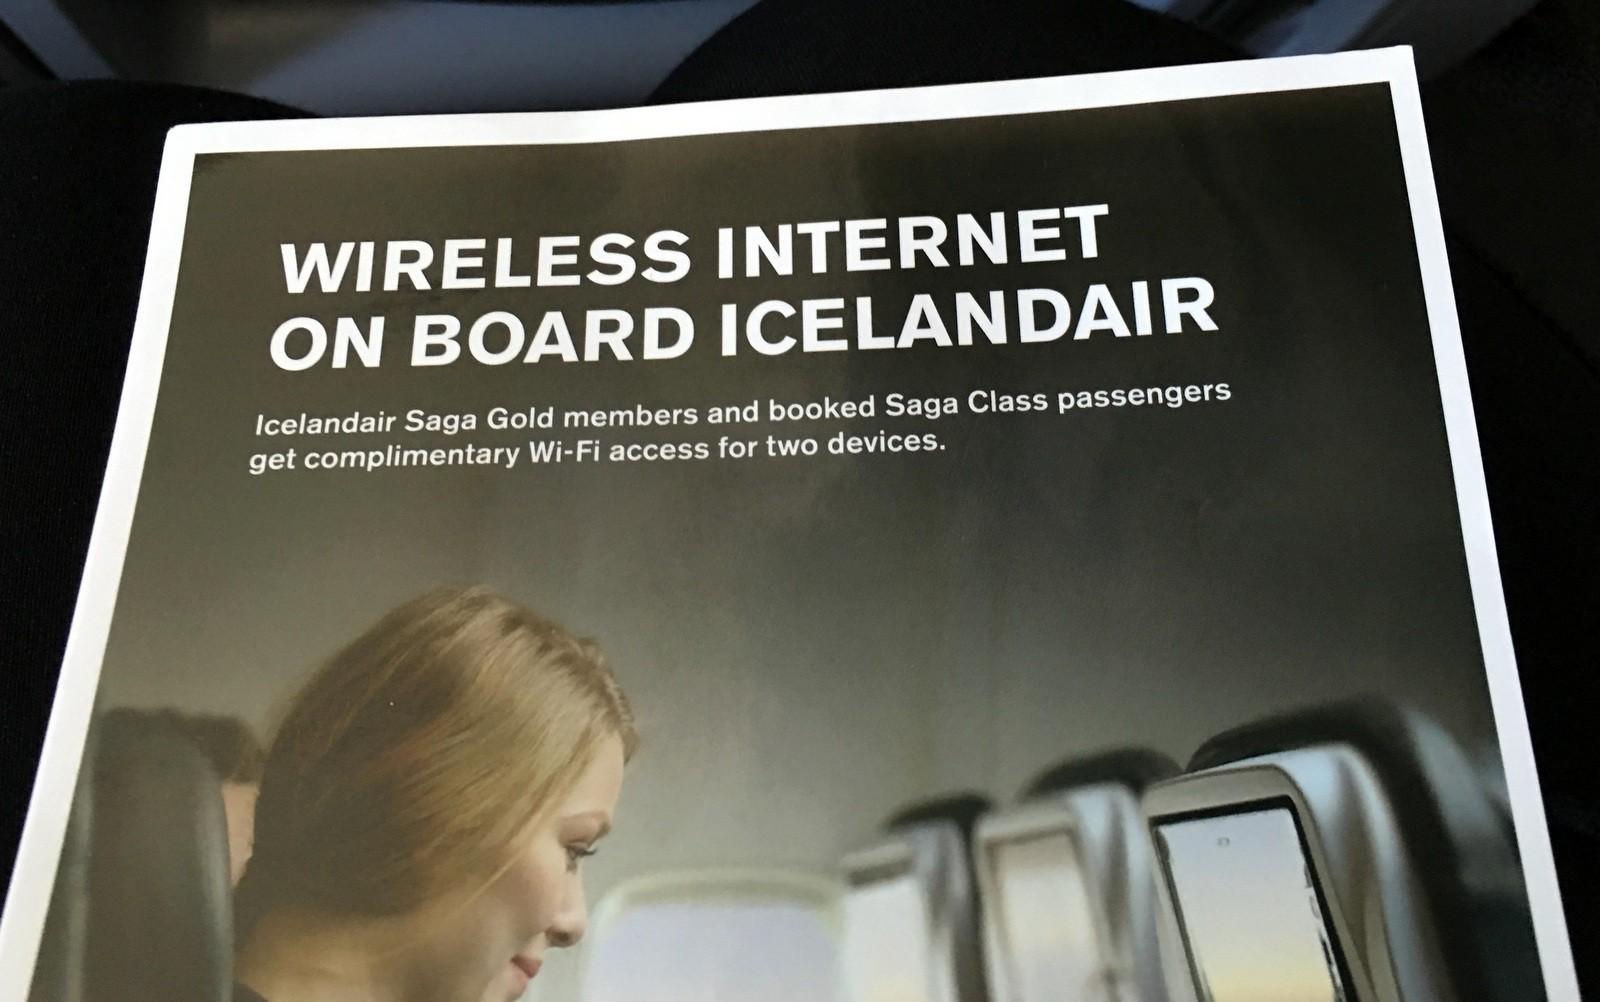 Icelandair Saga Class